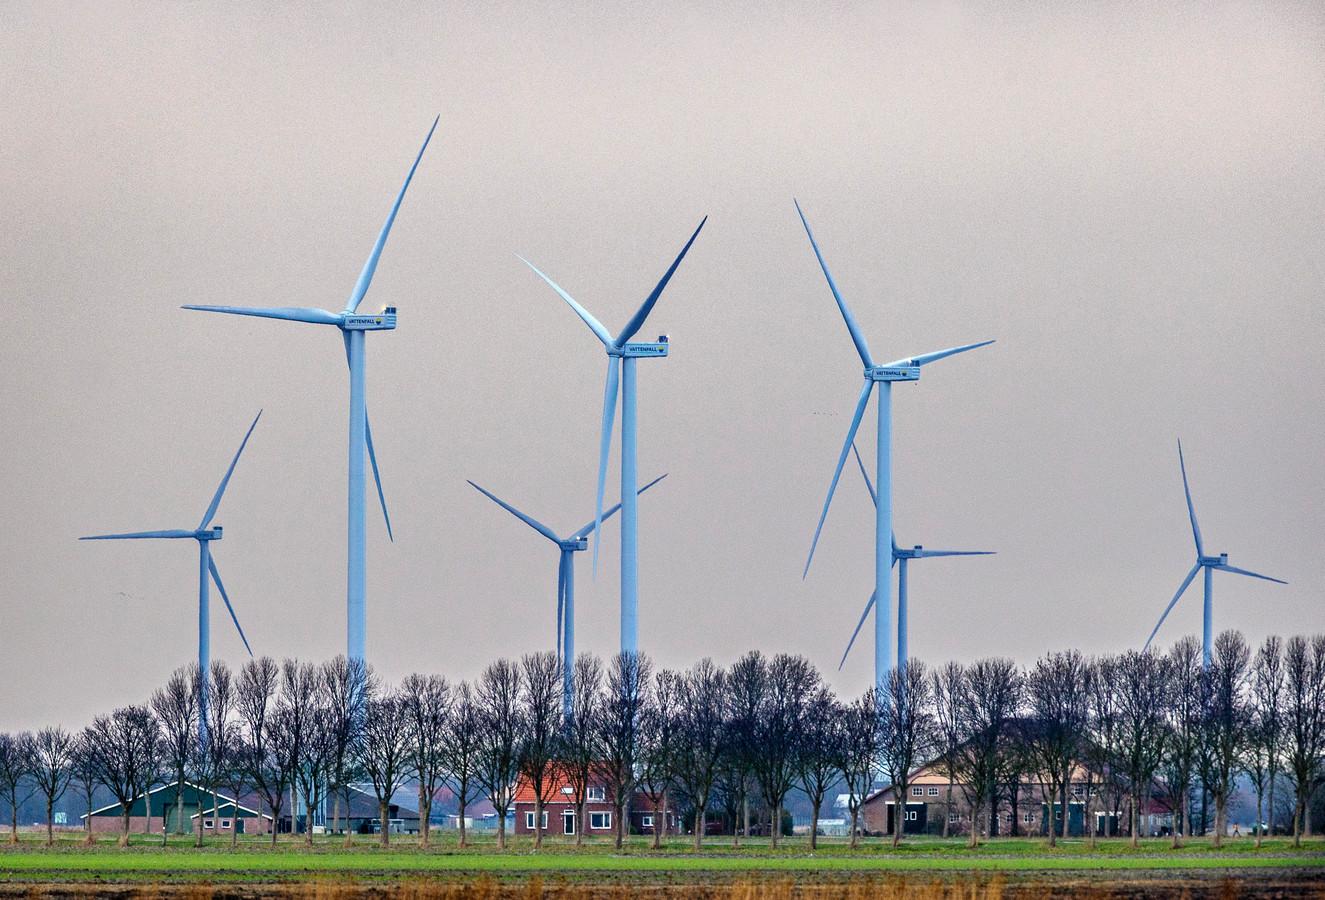 Molens bij Middenmeer, een dorp in de Wieringermeerpolder.